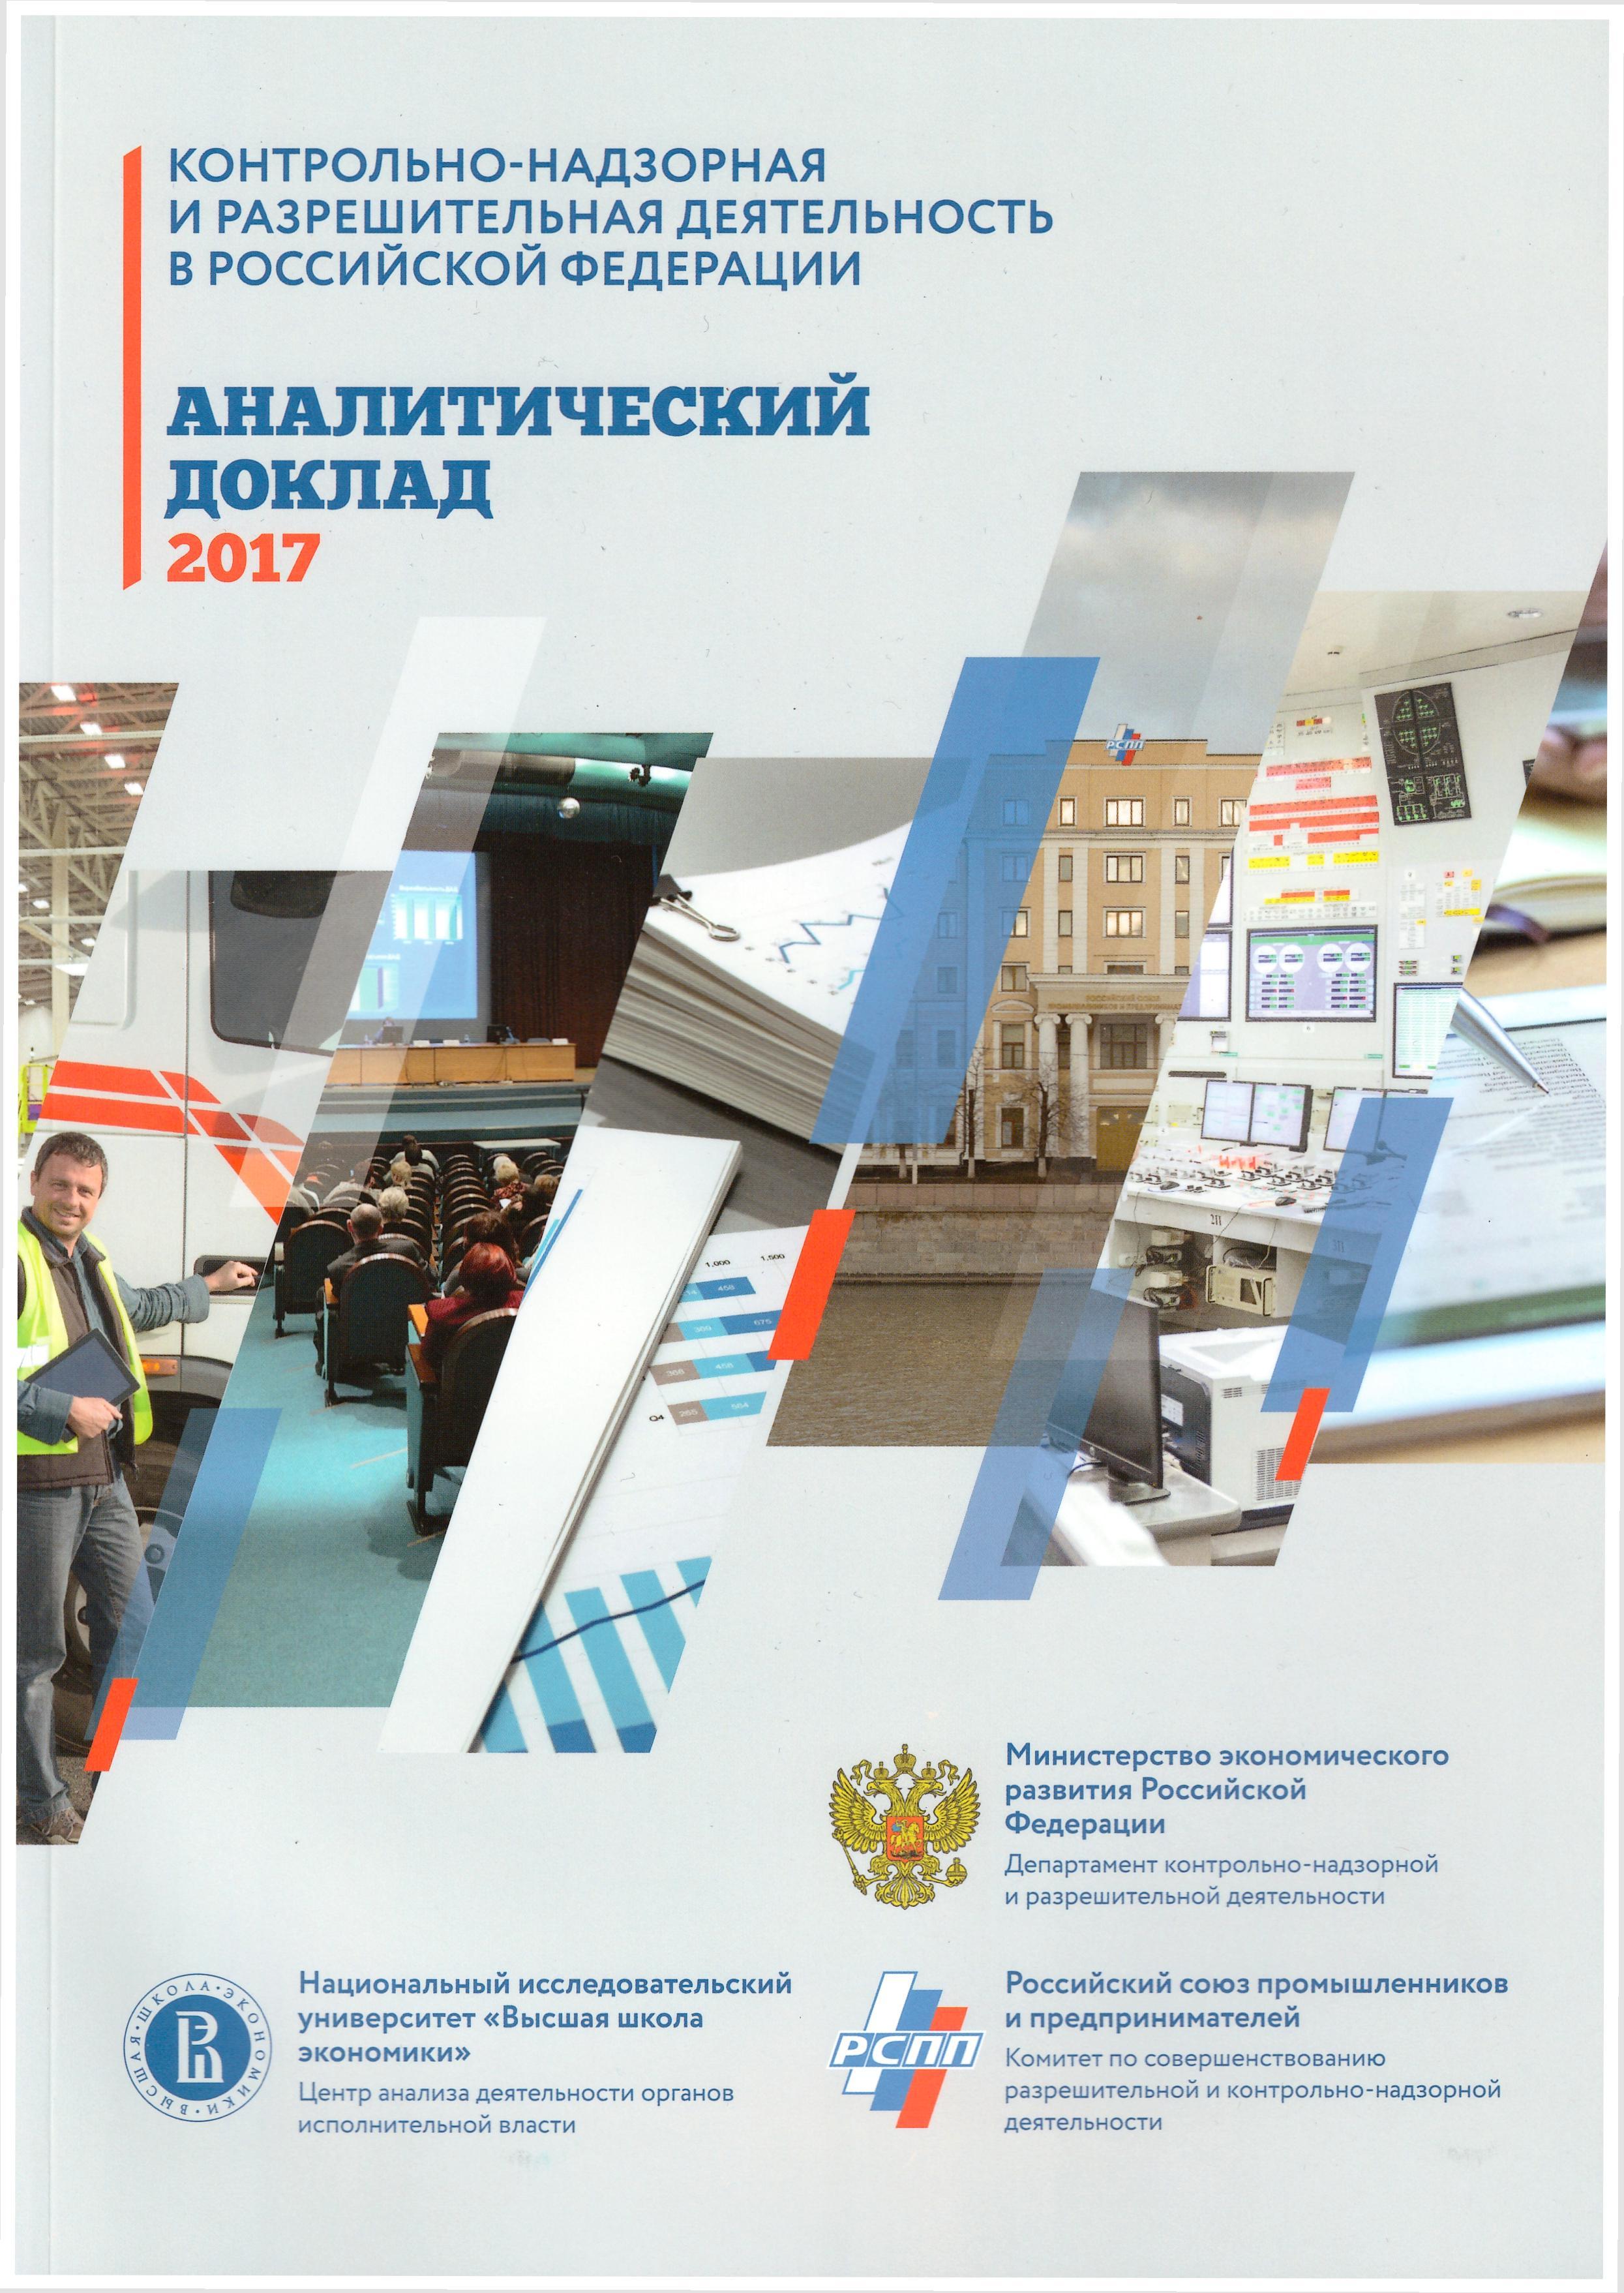 Контрольно-надзорная и разрешительная деятельность в Российской Федерации: аналитический доклад - 2017